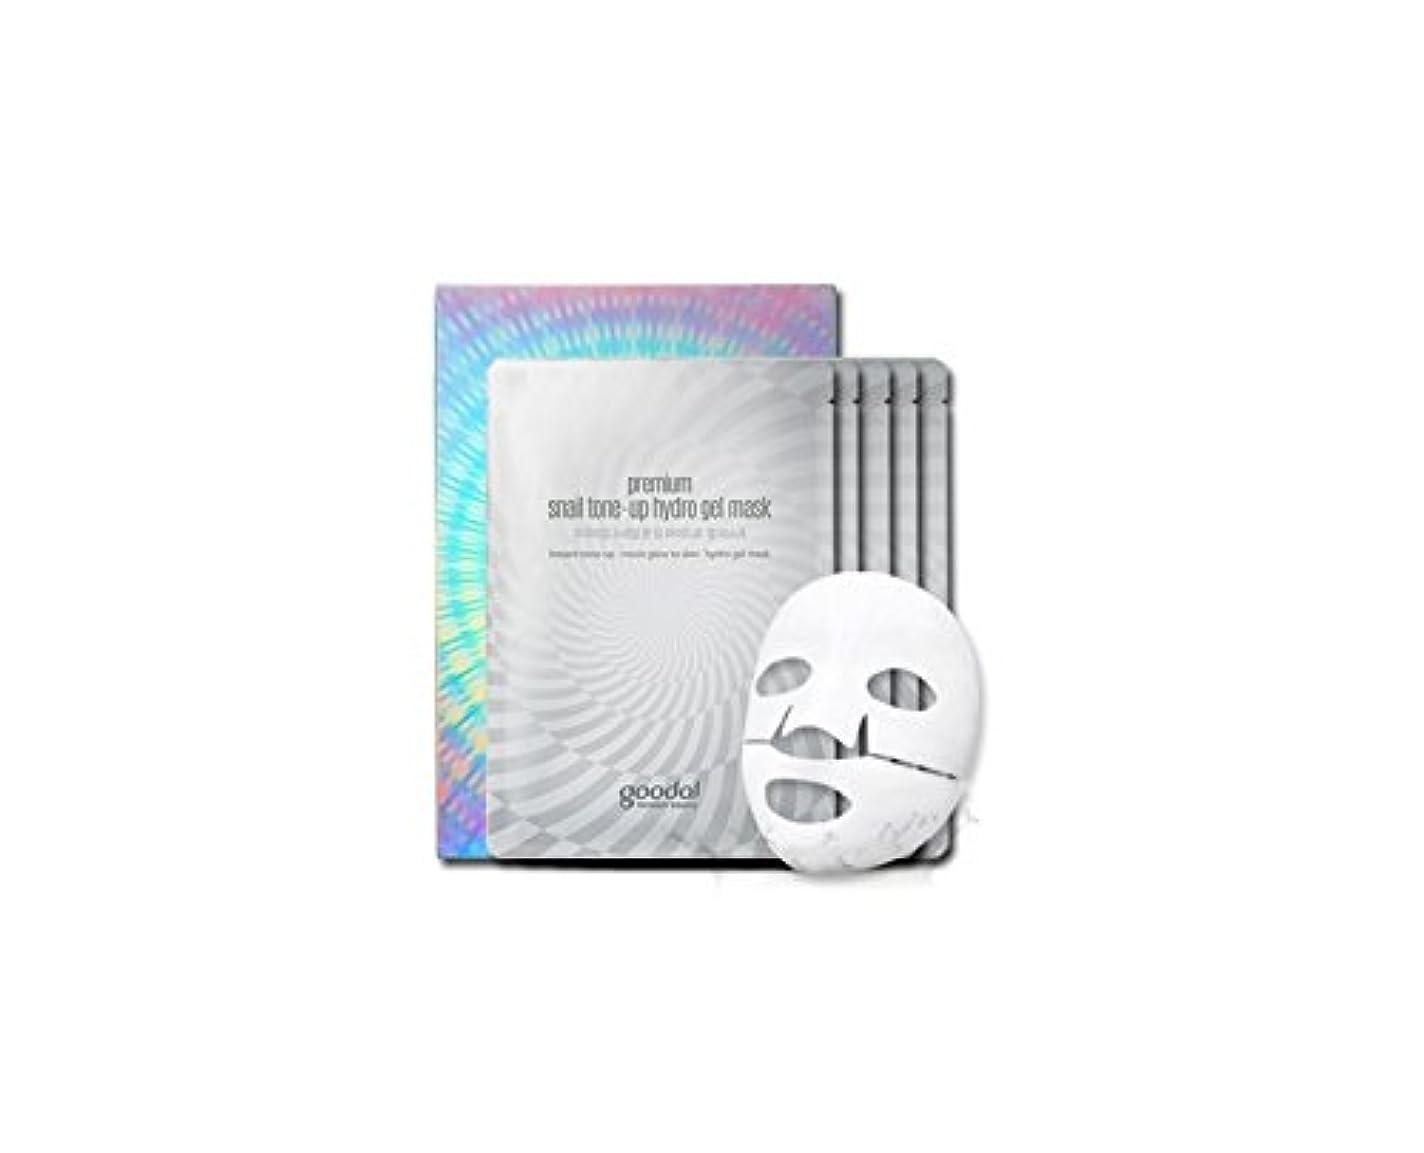 機械的タイトル縫うgoodal Premium Snail Tone Up Hydro Gel Mask (35g×5pcs)/グーダル プレミアム スネイル トーンアップ ハイドロ ゲル マスク (35g×5pcs)